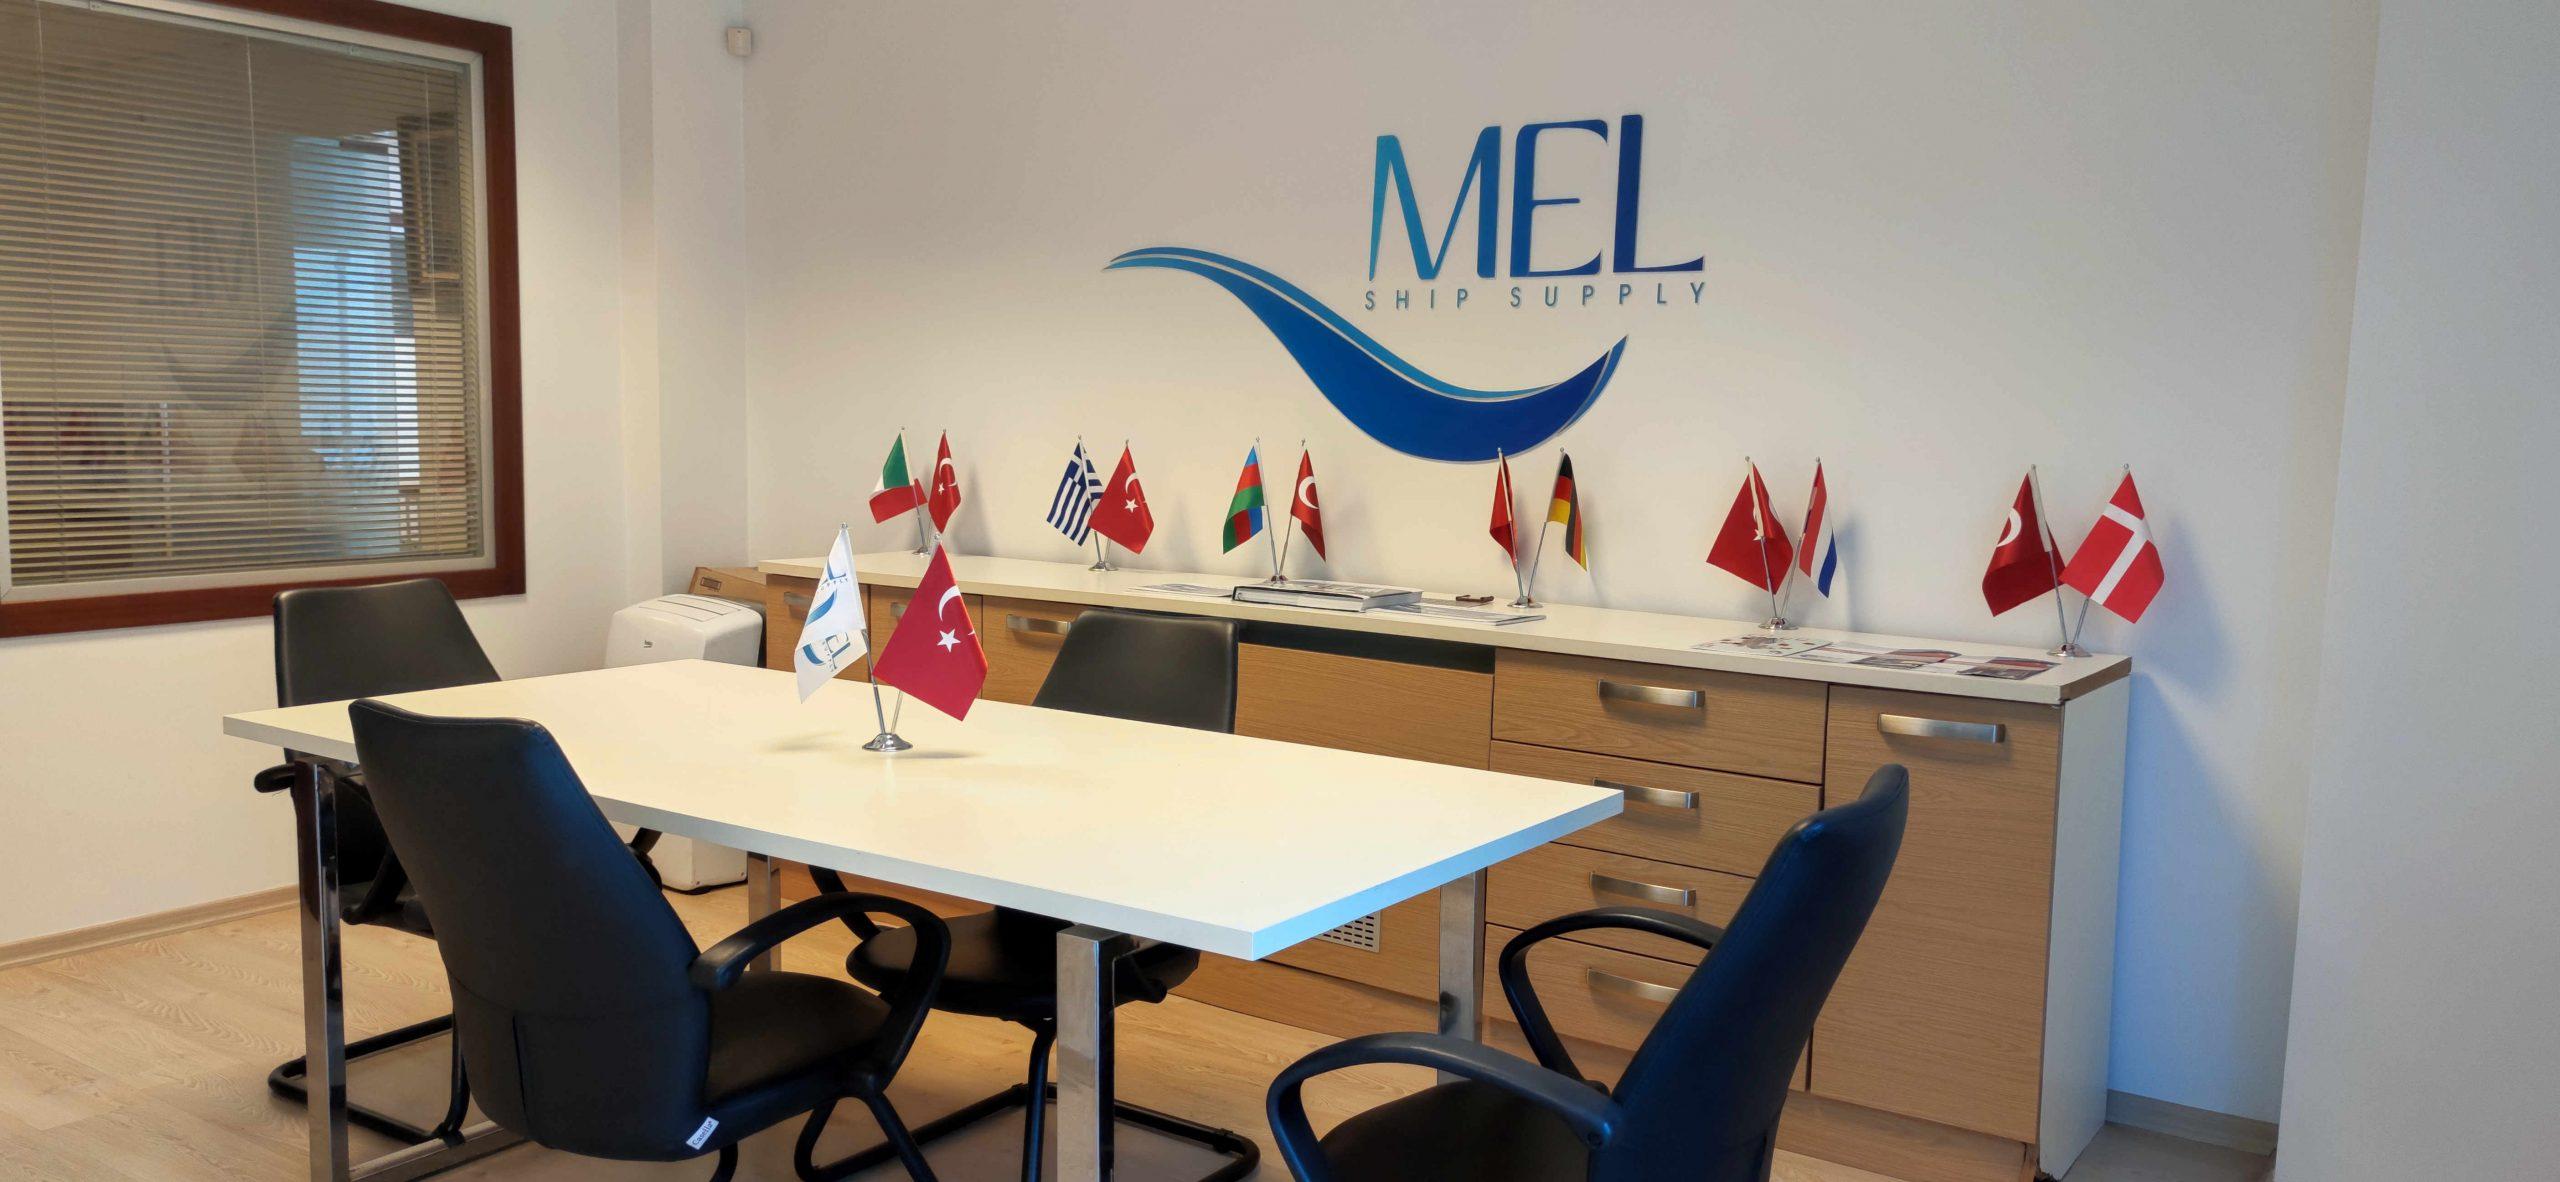 mel ship supply